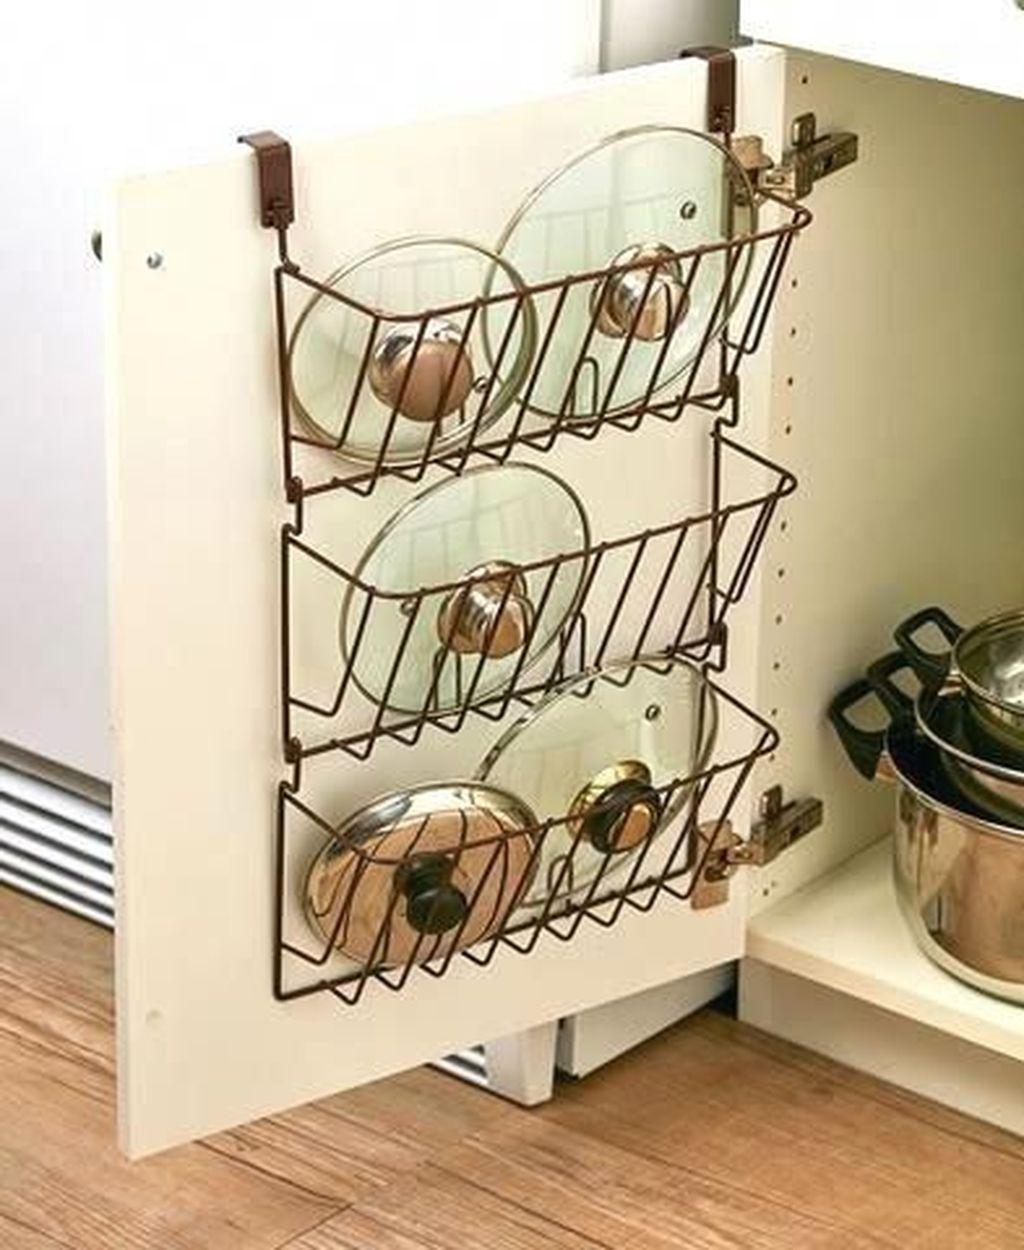 Best Design Ideas For Kitchen Organization Cabinets 18